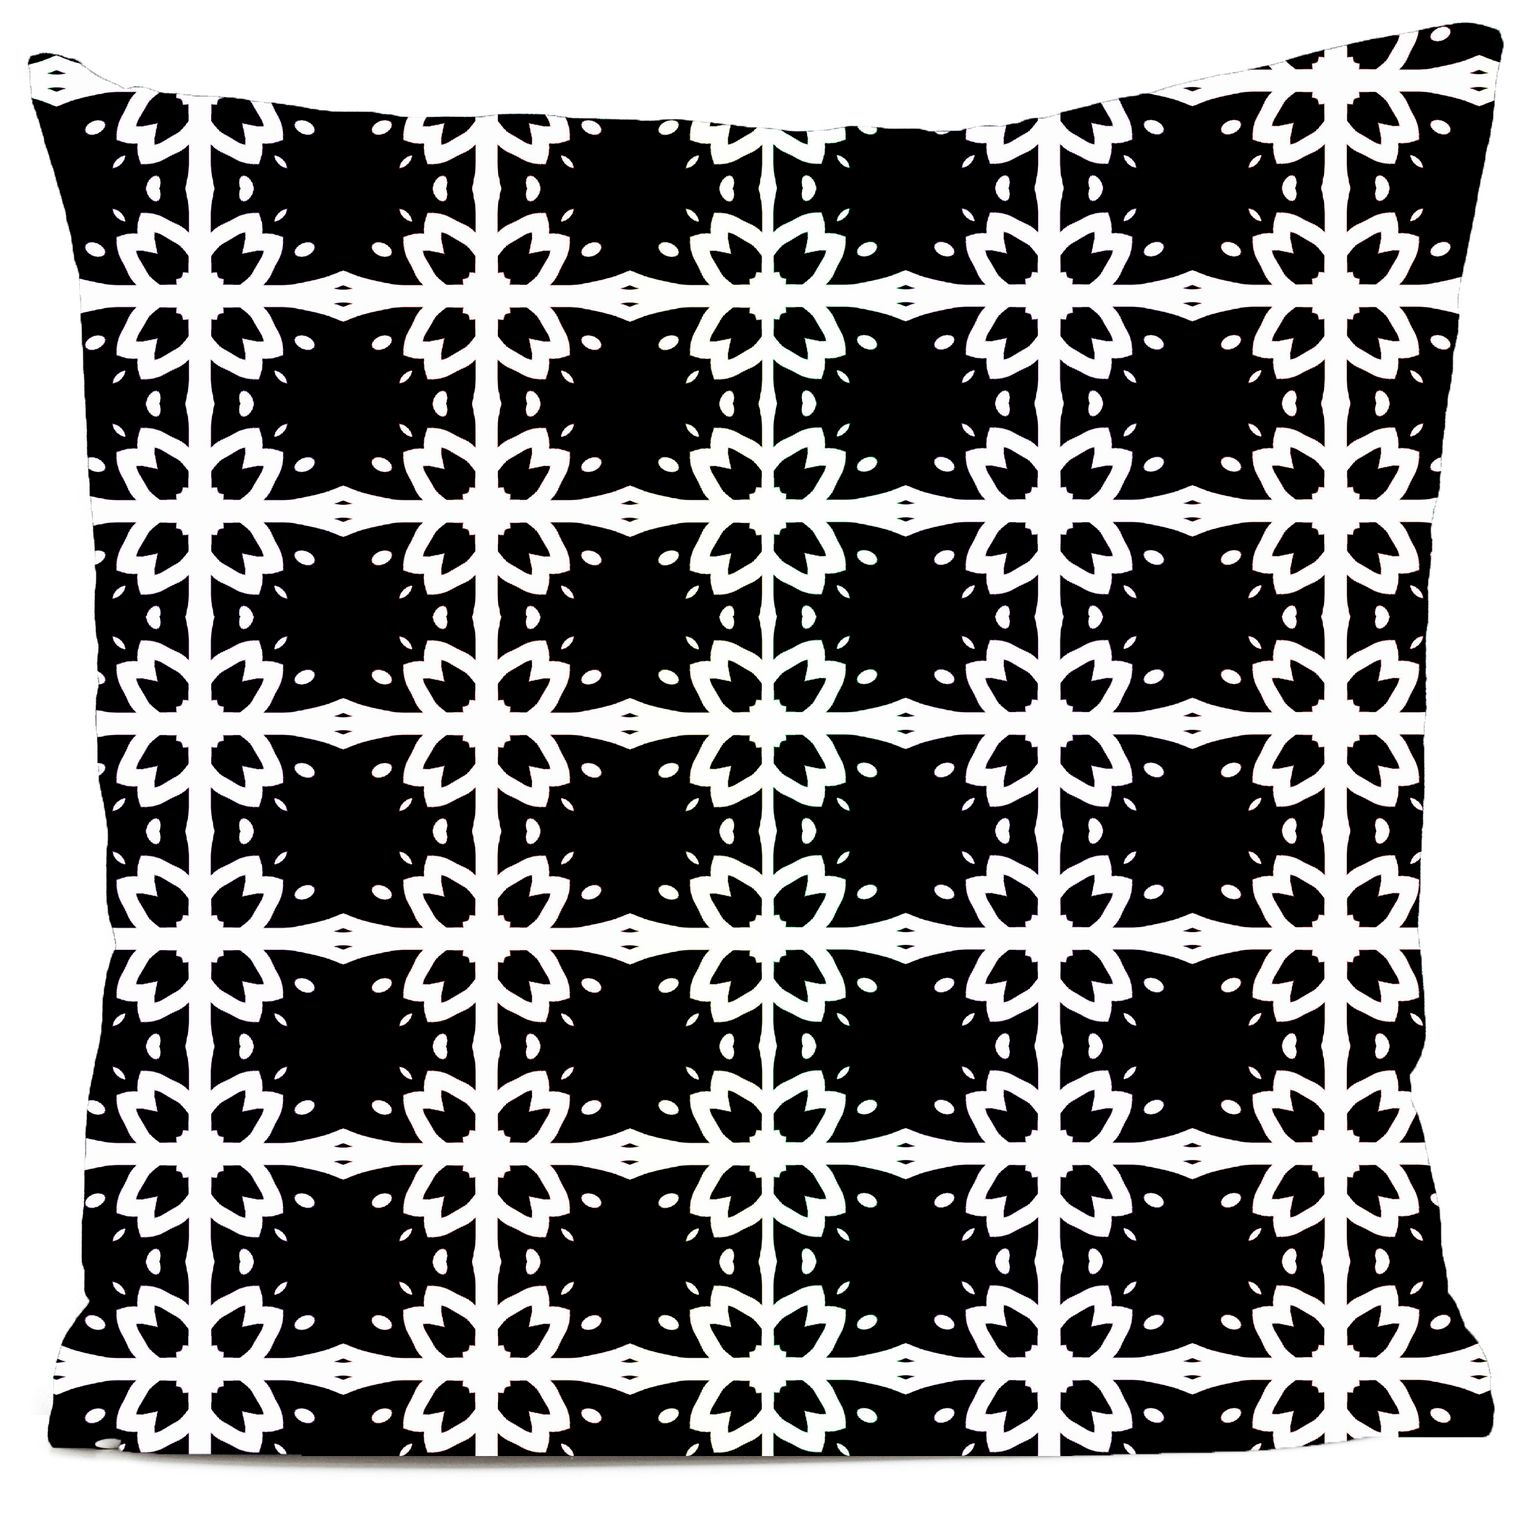 Coussin velours carré imprimé motifs noir et blanc 60x60